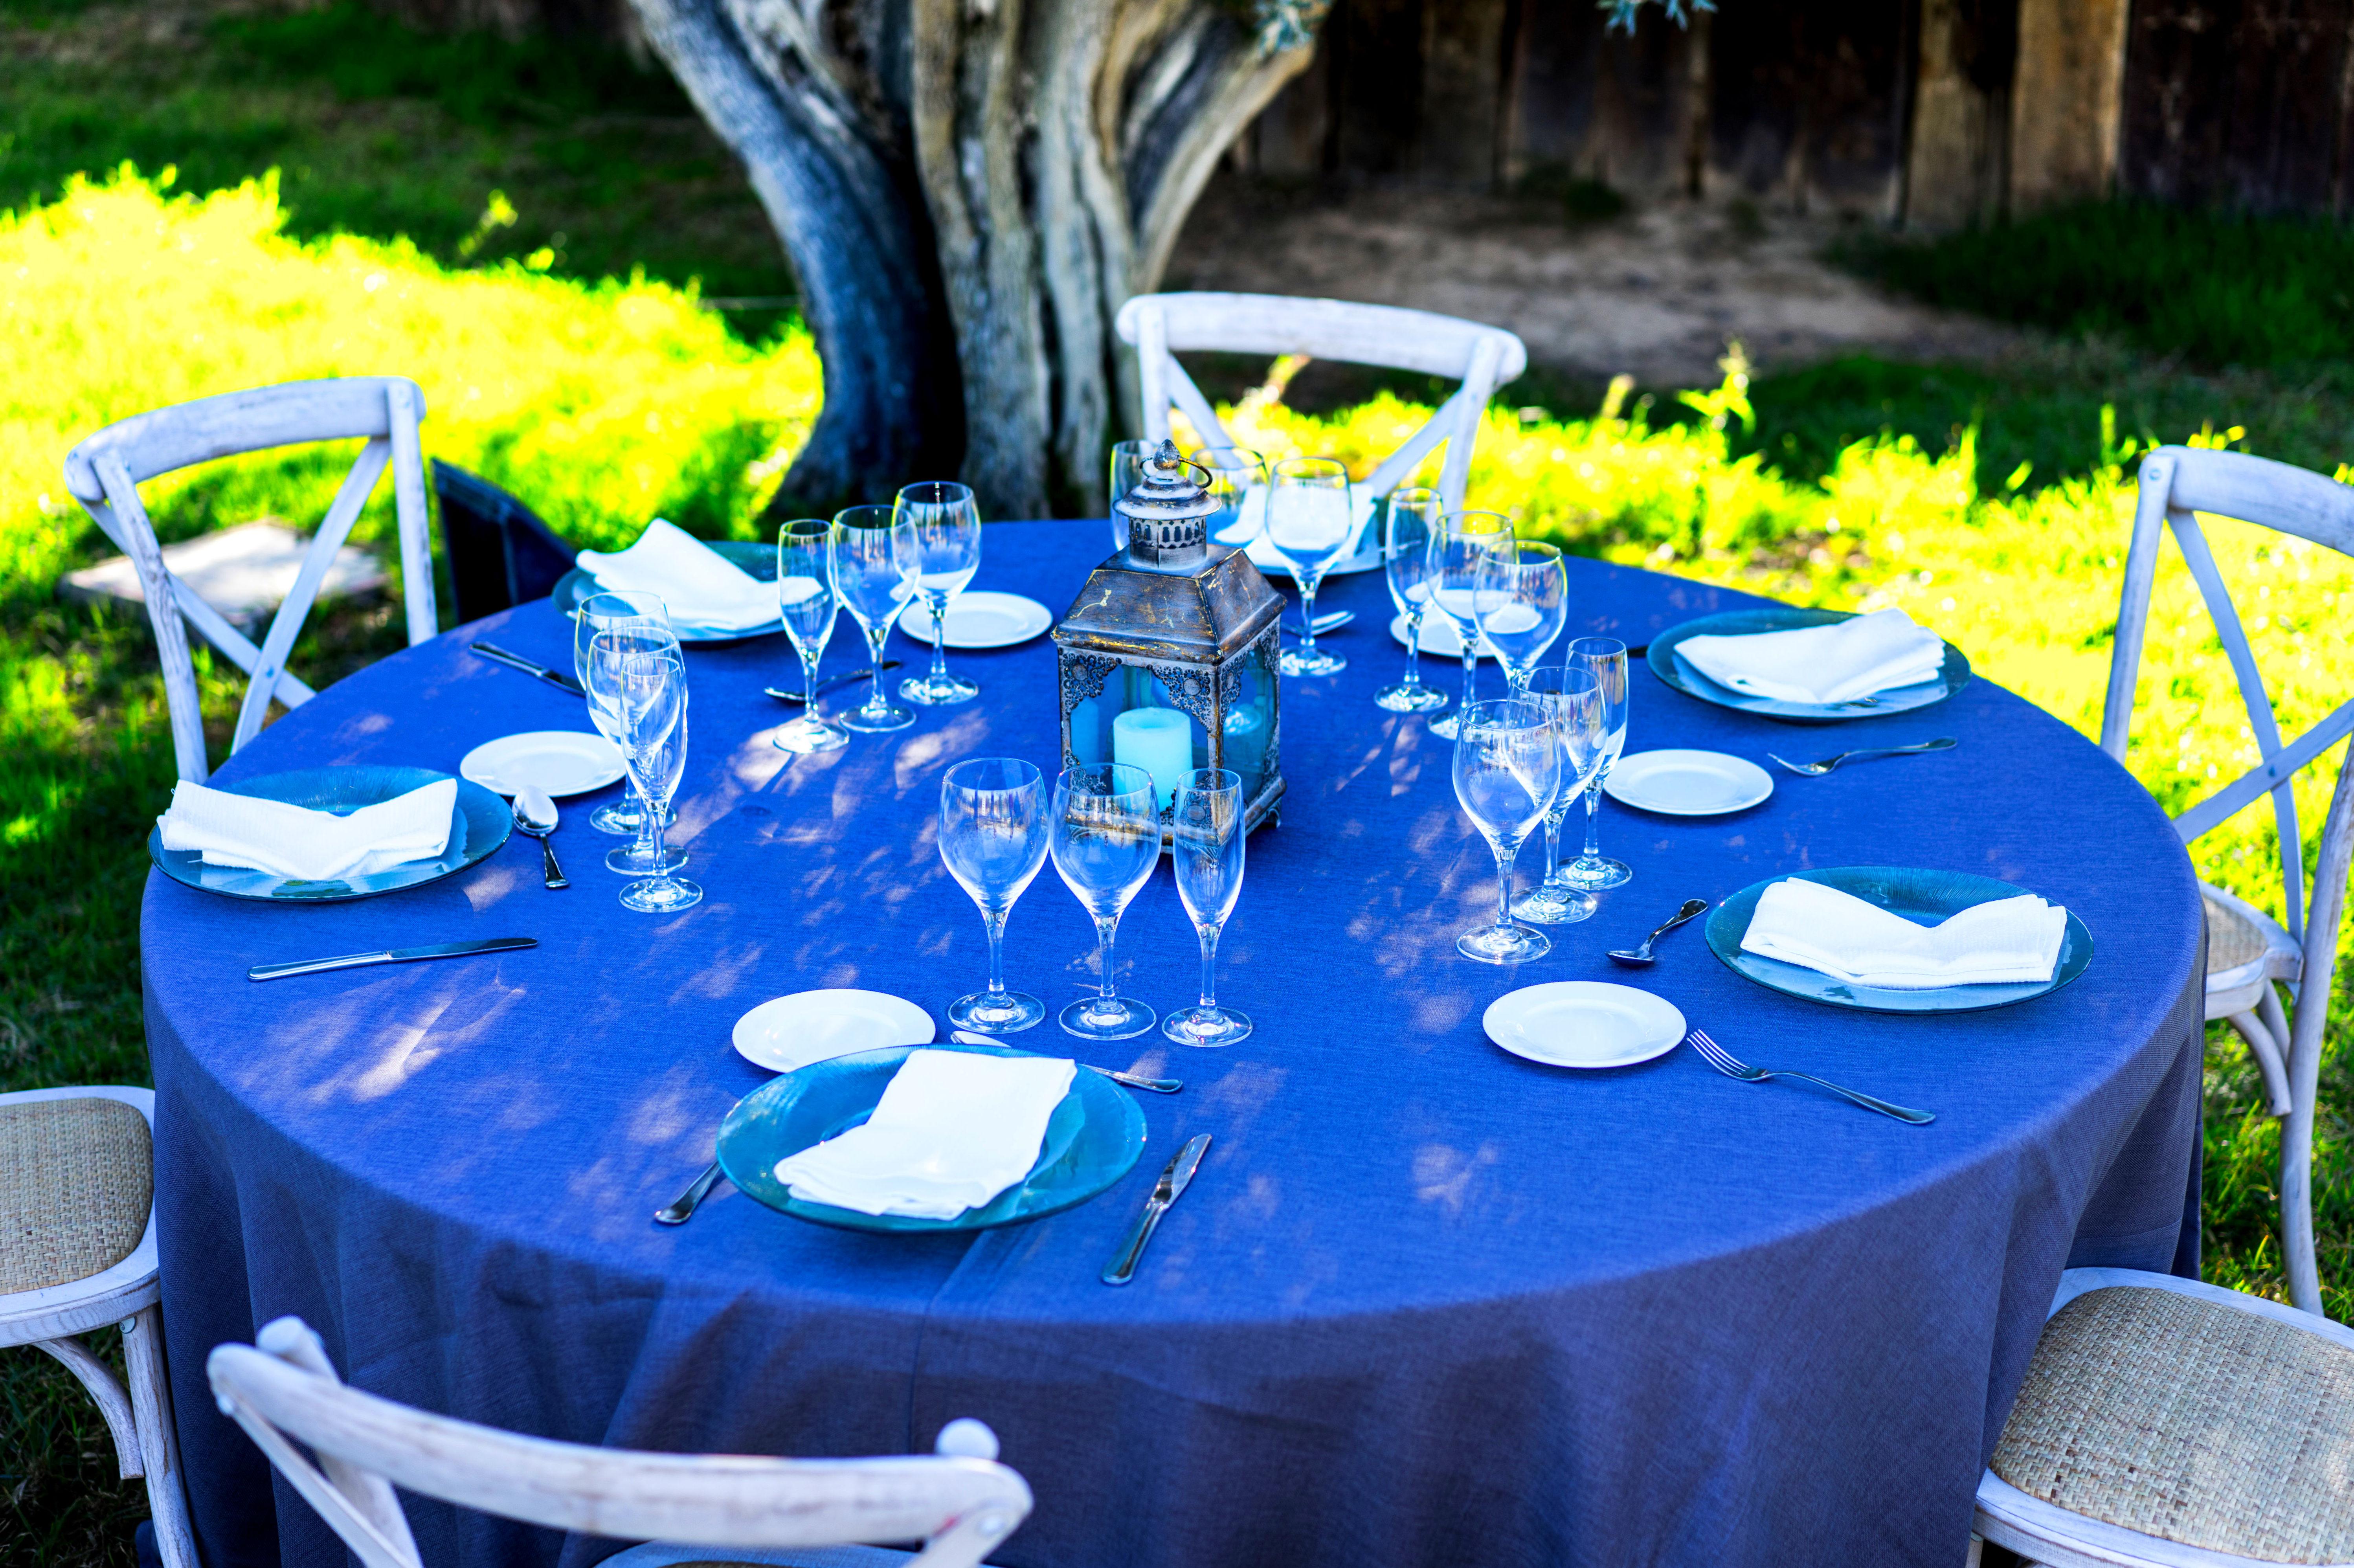 Foto 76 de Alquiler de sillas, mesas y menaje en  | Mantelería & Menaje